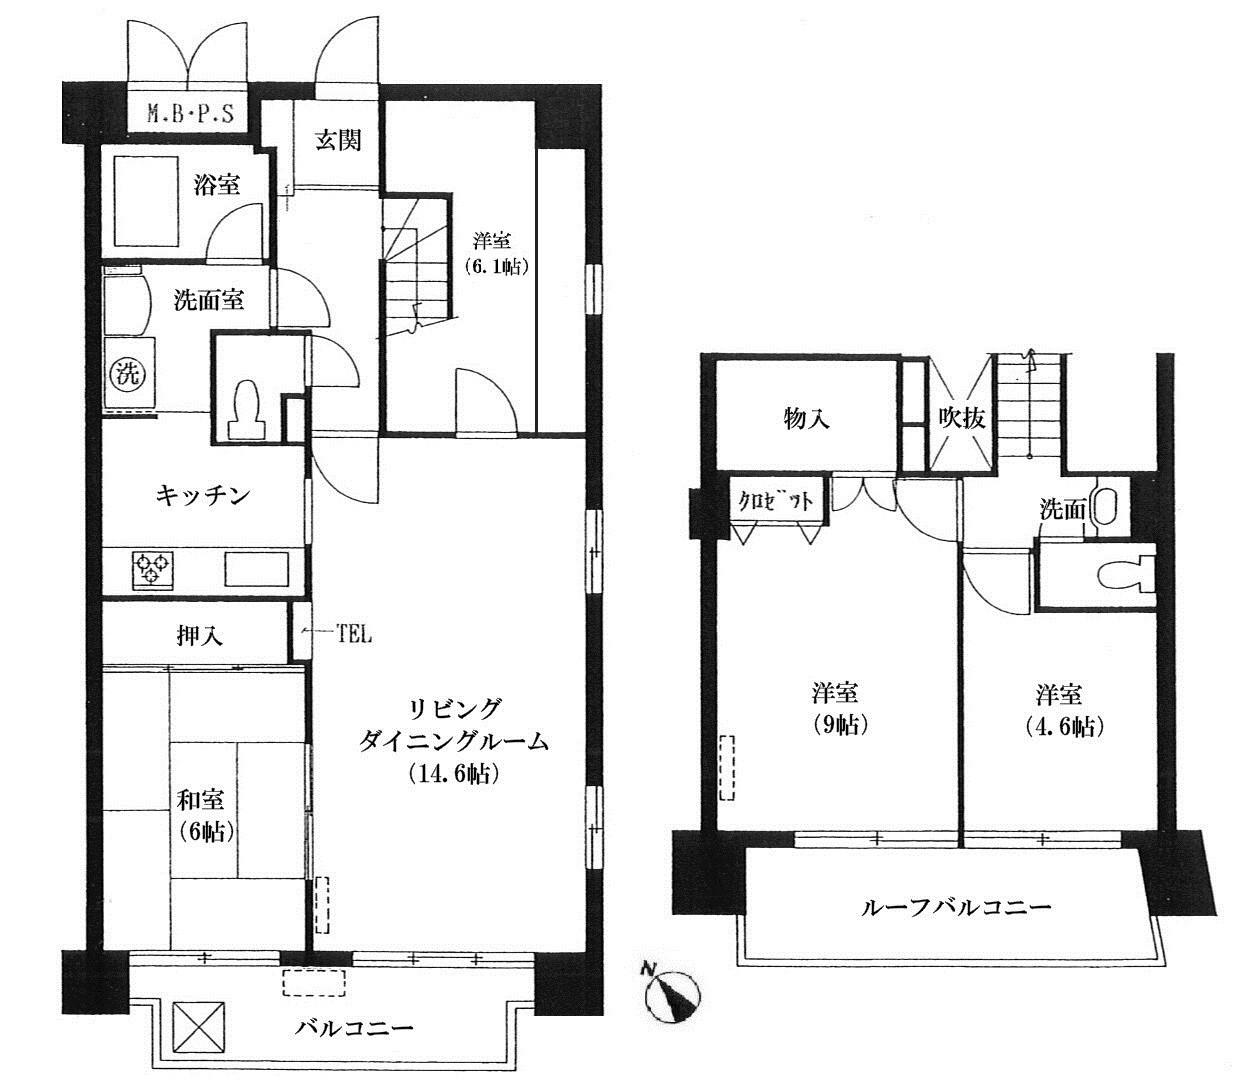 ベルアトーレ野沢 606号室